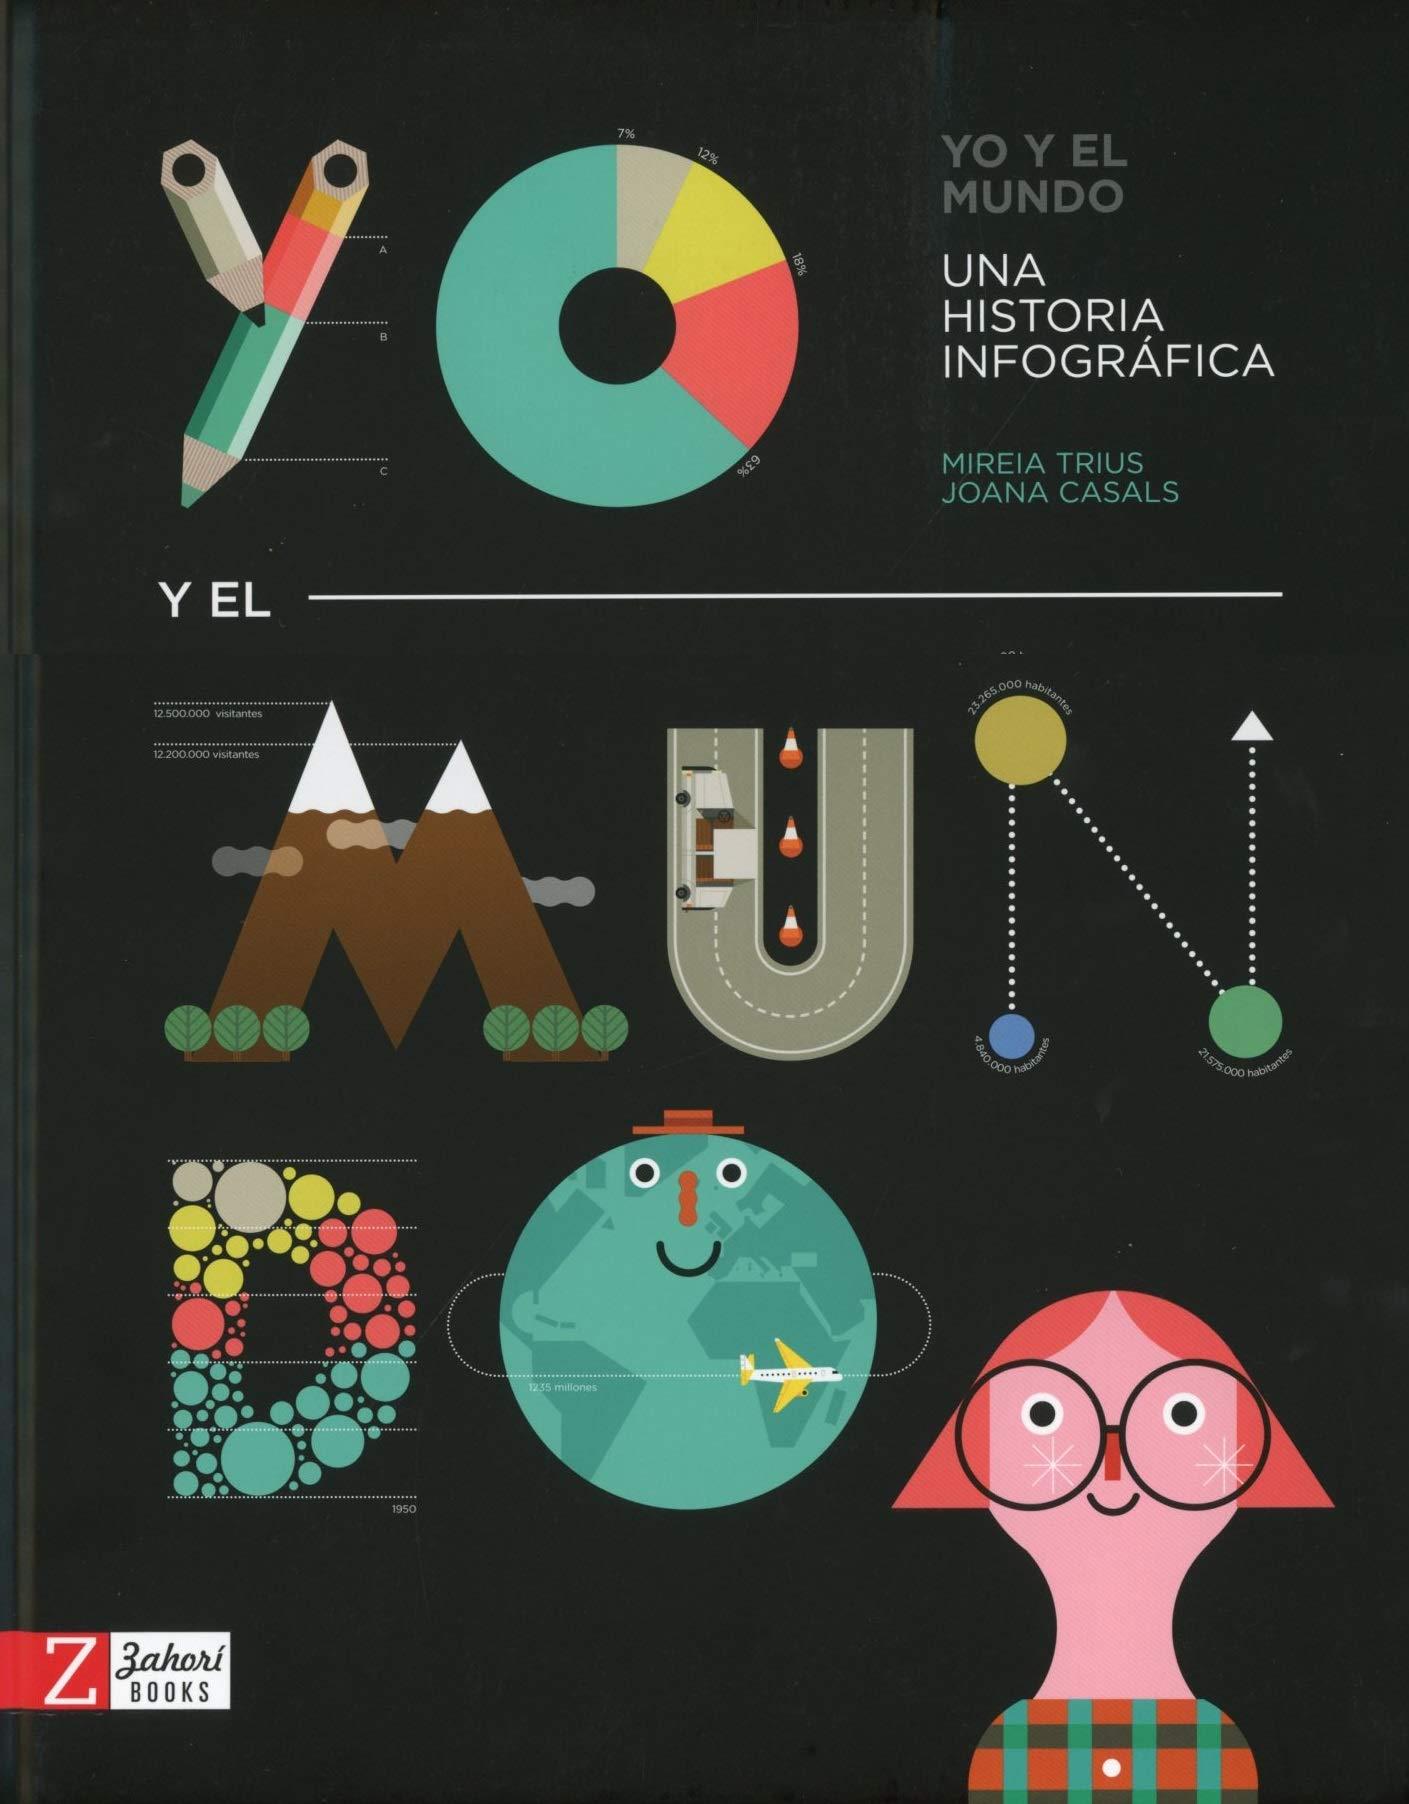 Yo y el mundo: Una historia infográfica: Amazon.es: Trius, Mireia, Casals, Joana, Casals, Joana: Libros